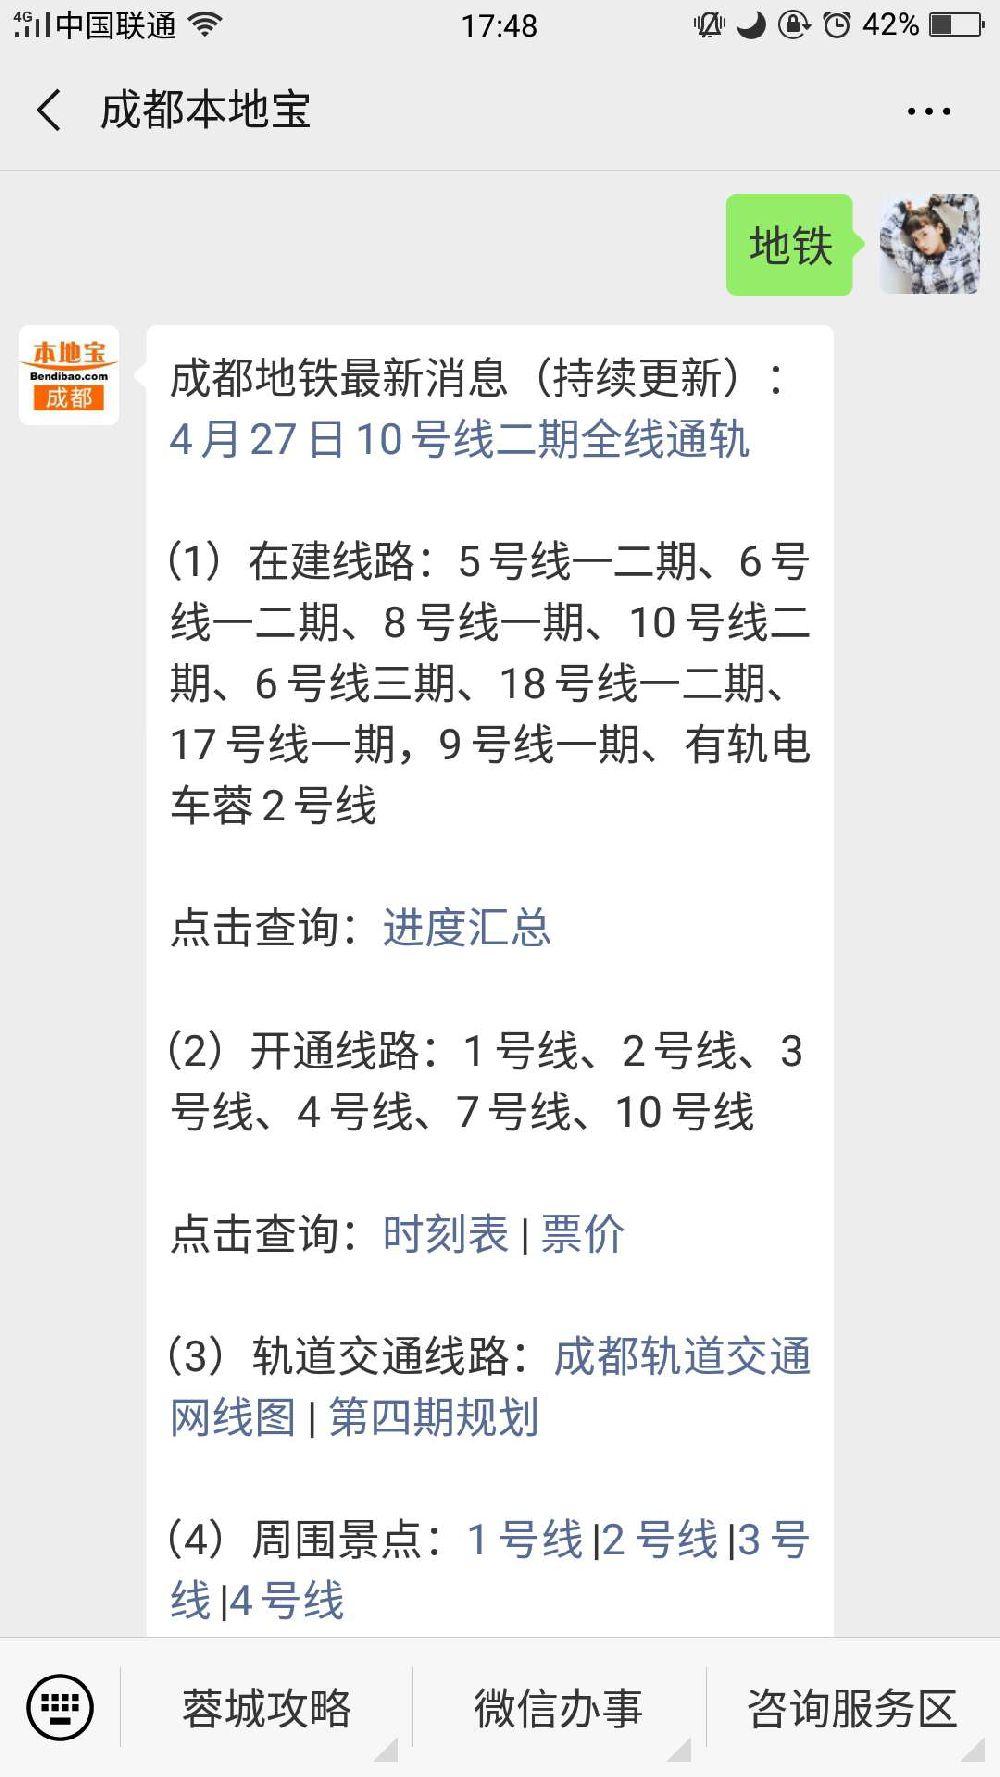 成都地铁7号线首末班车时刻表